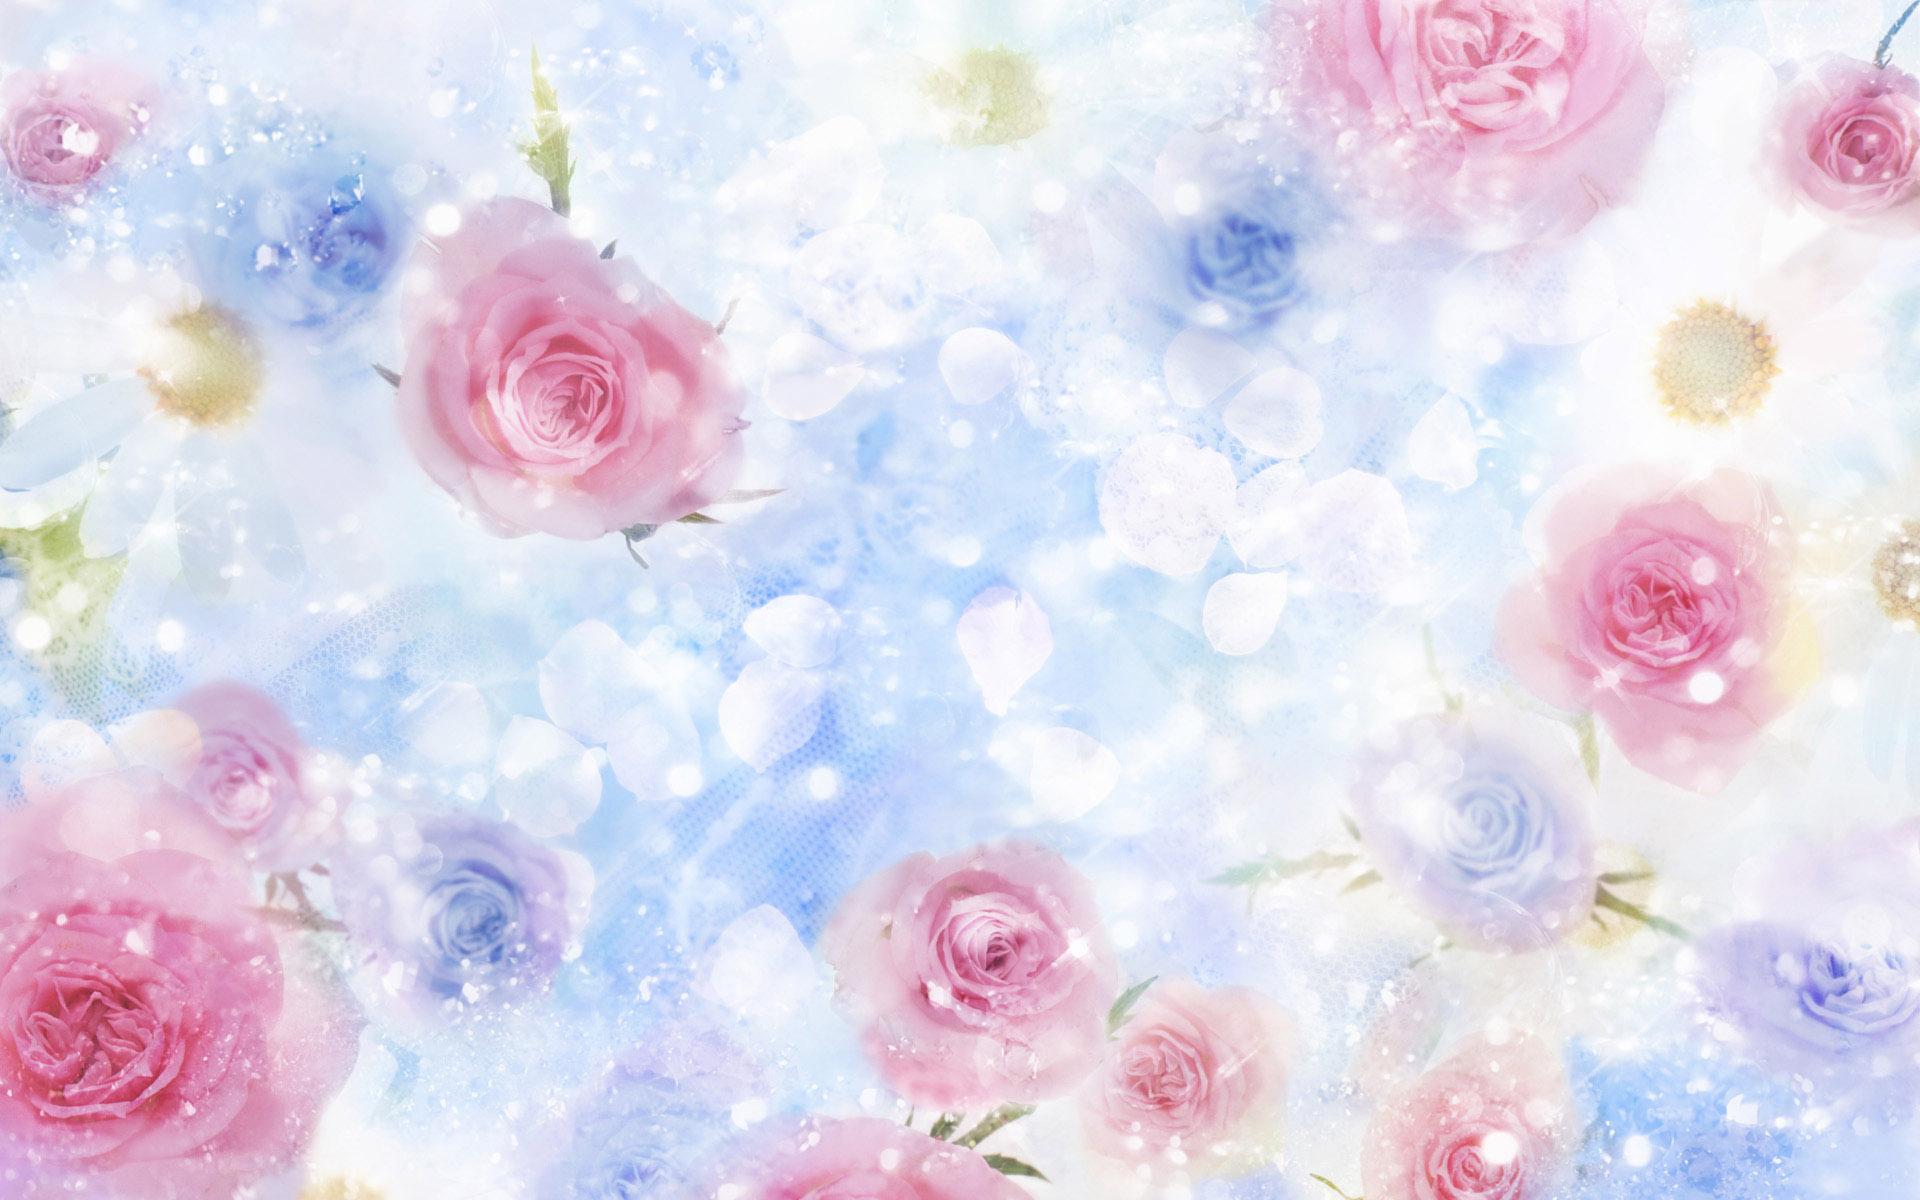 Бесплатные широкоформатные обои на рабочий стол. Розы и лепесточки.